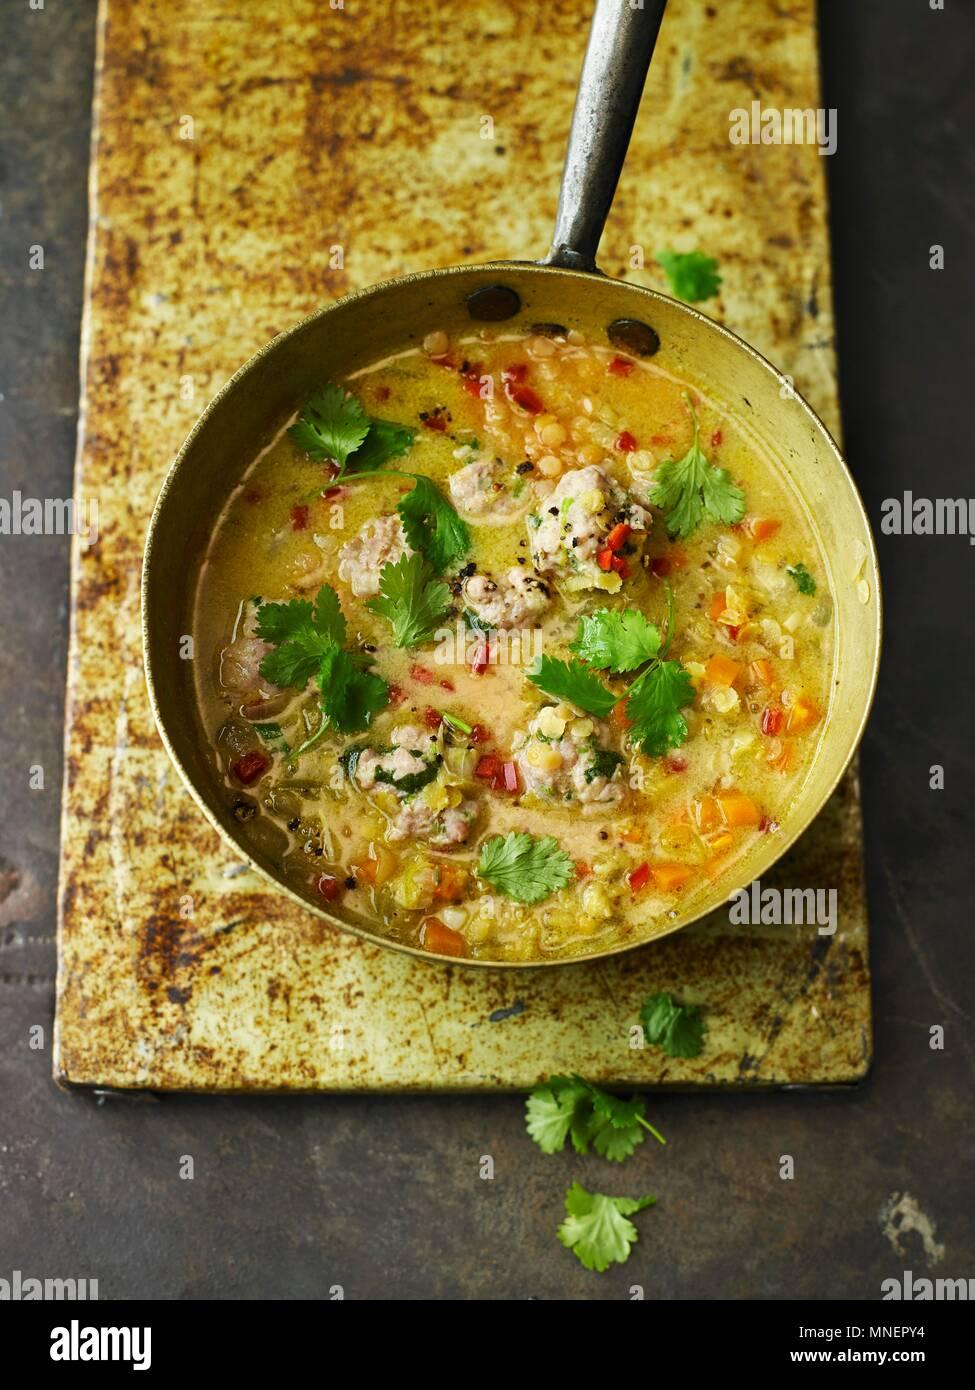 Spicy Red lenticchia, noce di cocco, e coriandolo zuppa con gnocchetti di pollo Immagini Stock